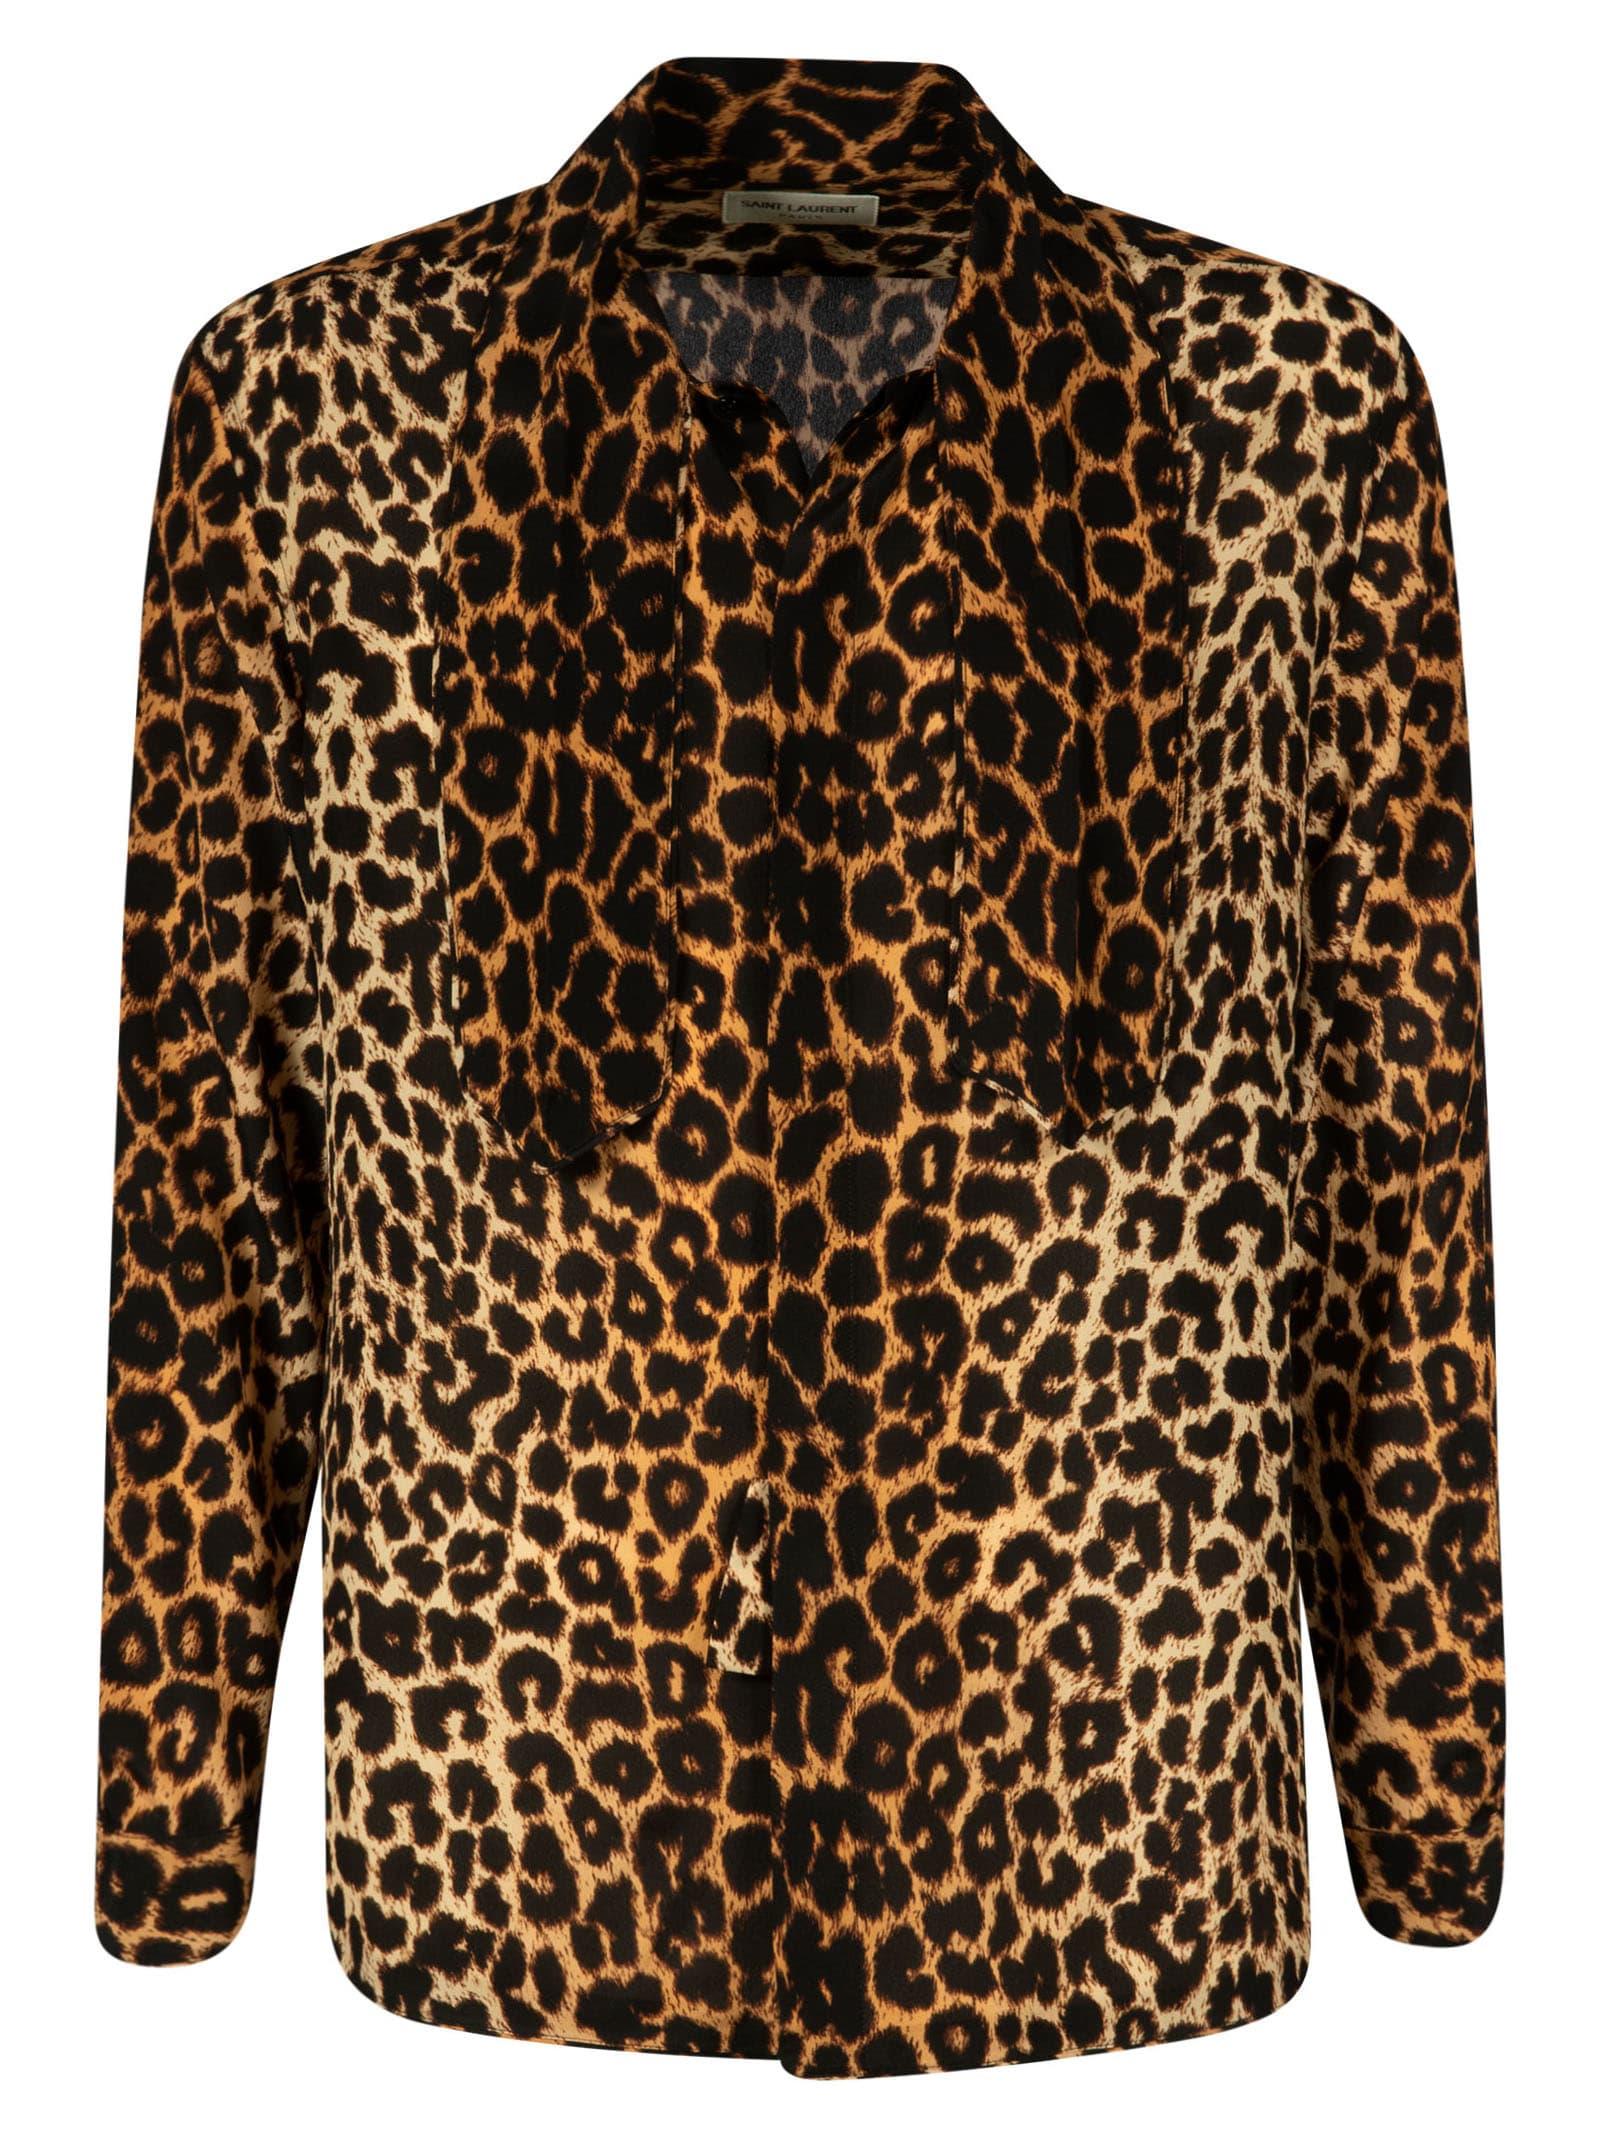 Saint Laurent Leopard Shirt